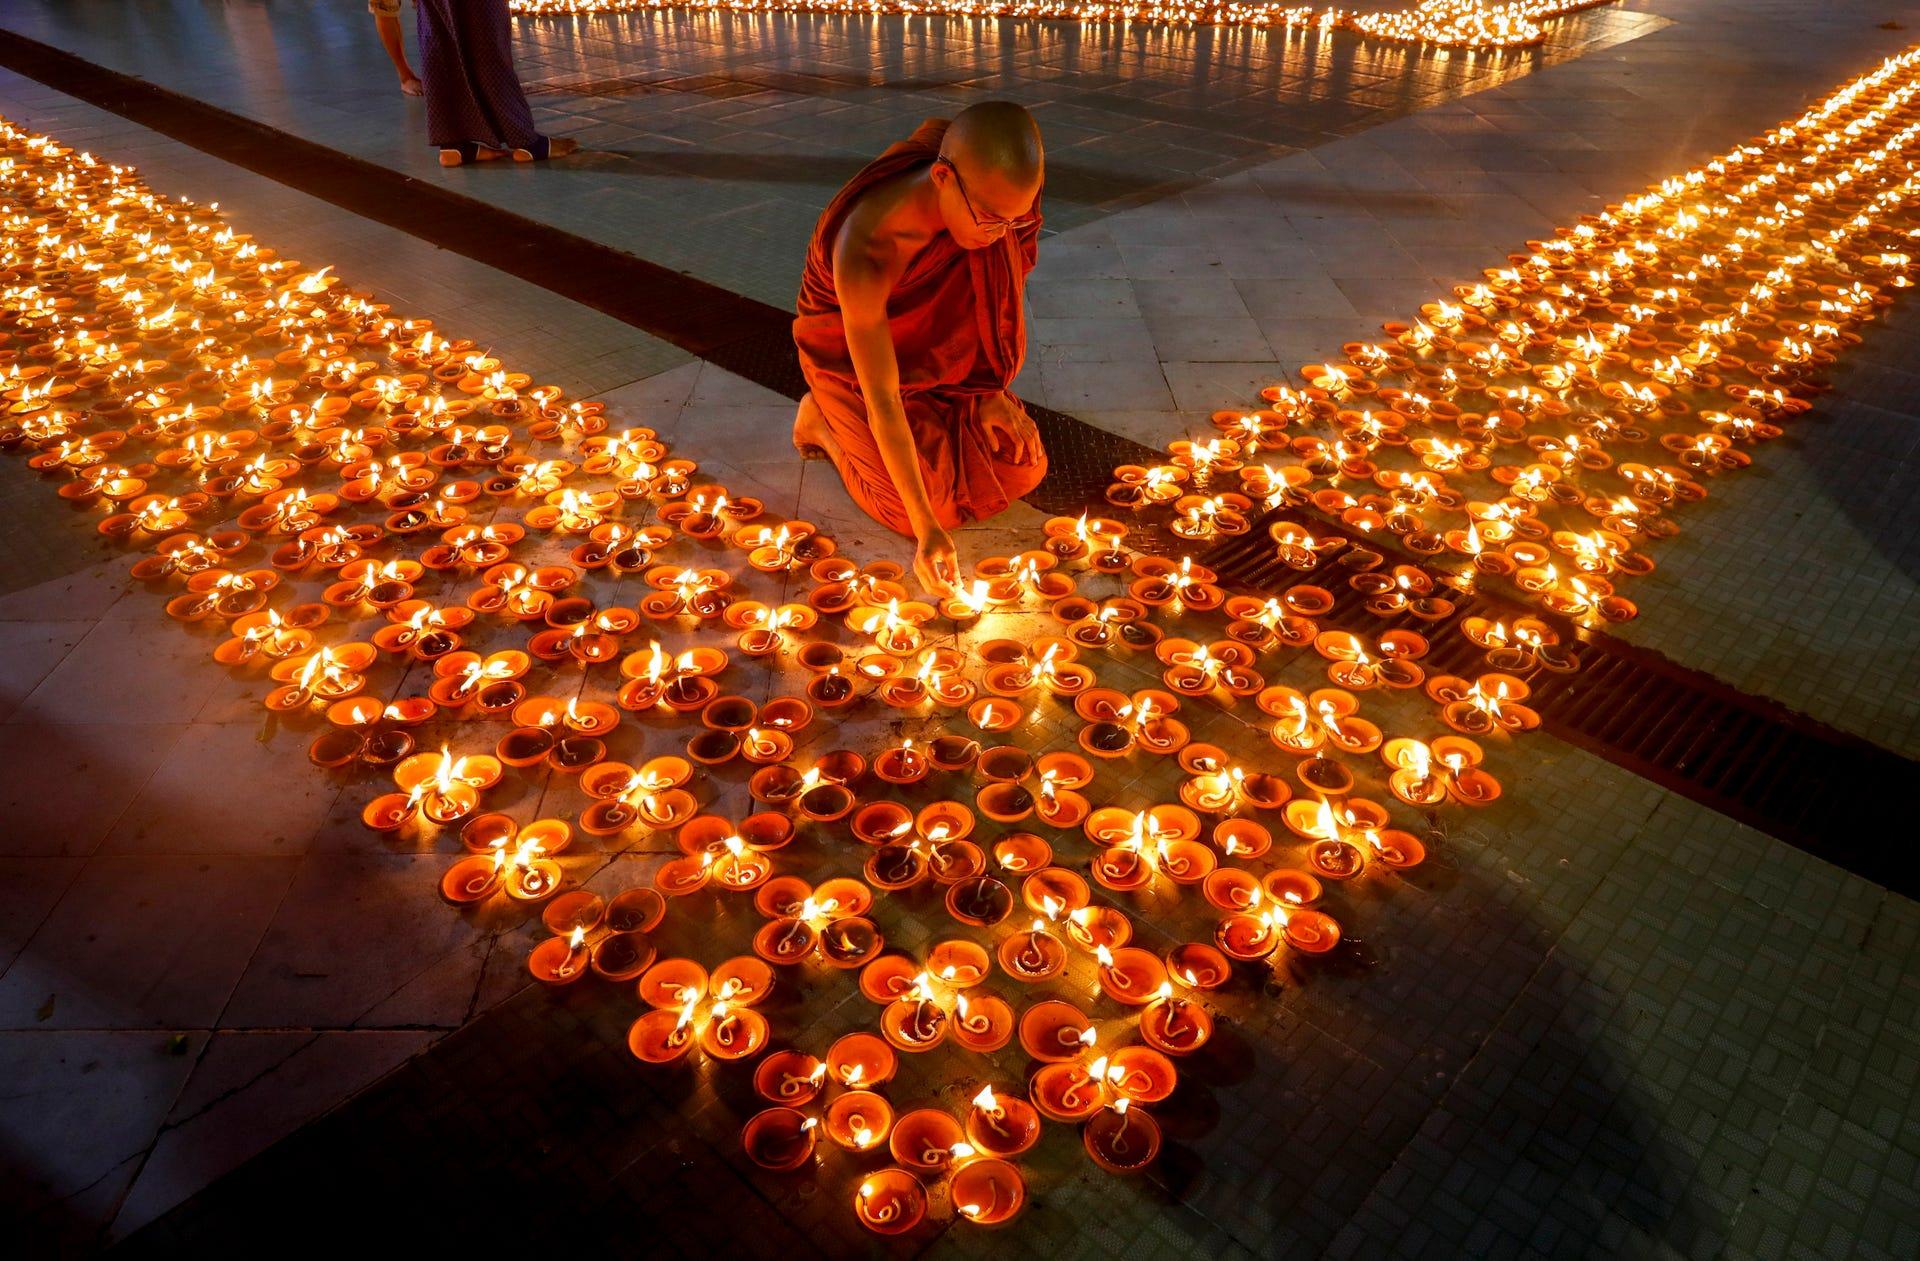 عکس روز/ راهب بودایی در معبدی در شهر یانگون میانمار